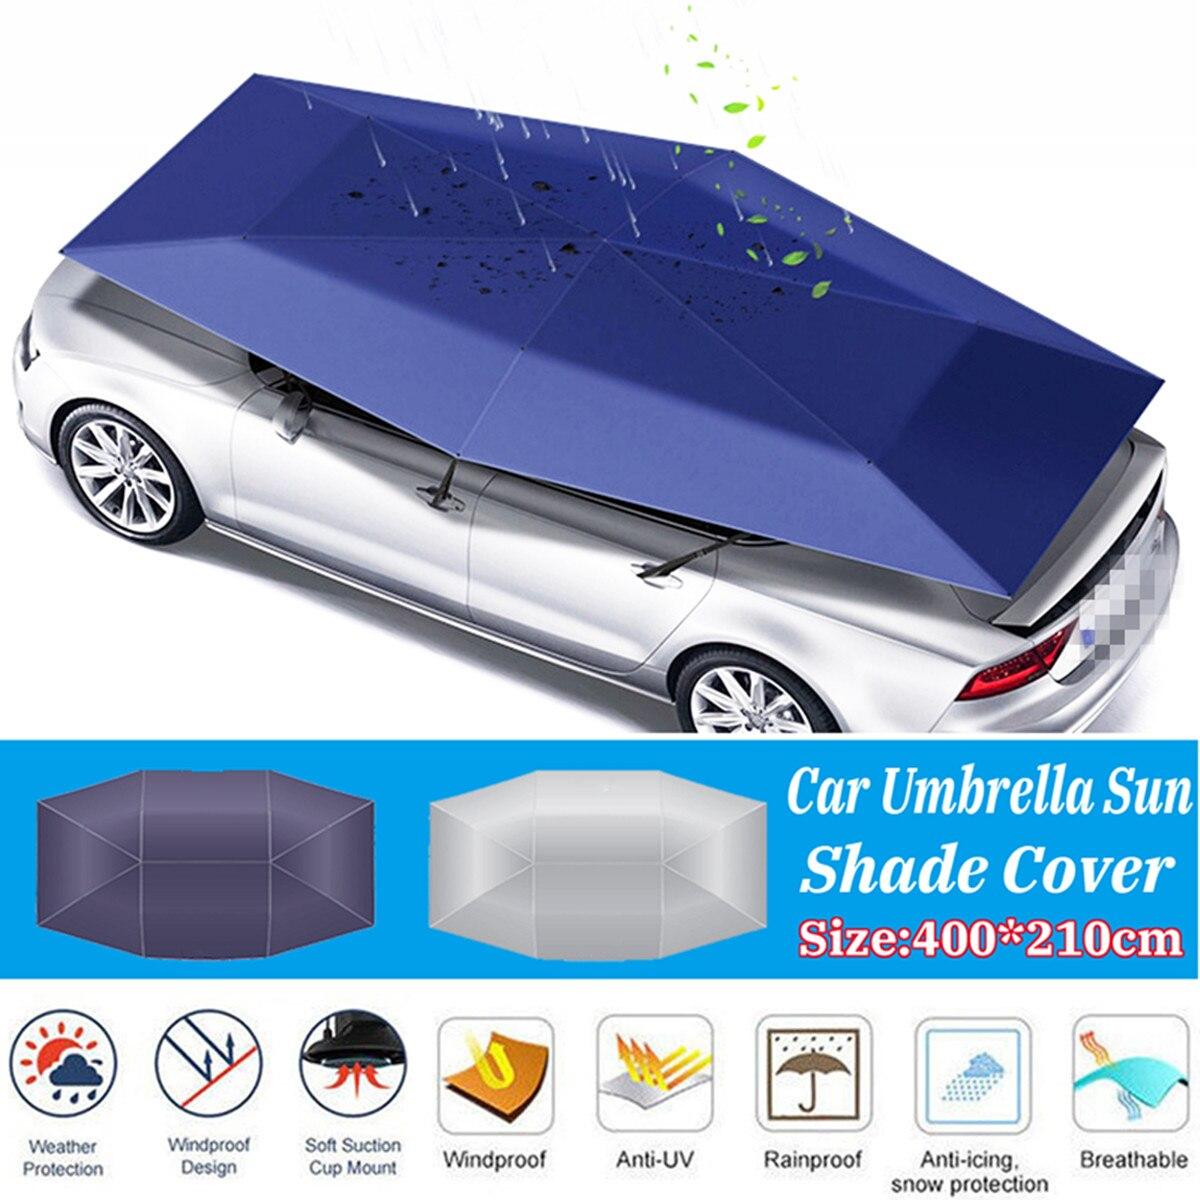 Voiture parapluie soleil ombre couverture extérieure voiture véhicule tente Oxford tissu Polyester couvre 400x210 cm bleu/argent sans support - 2